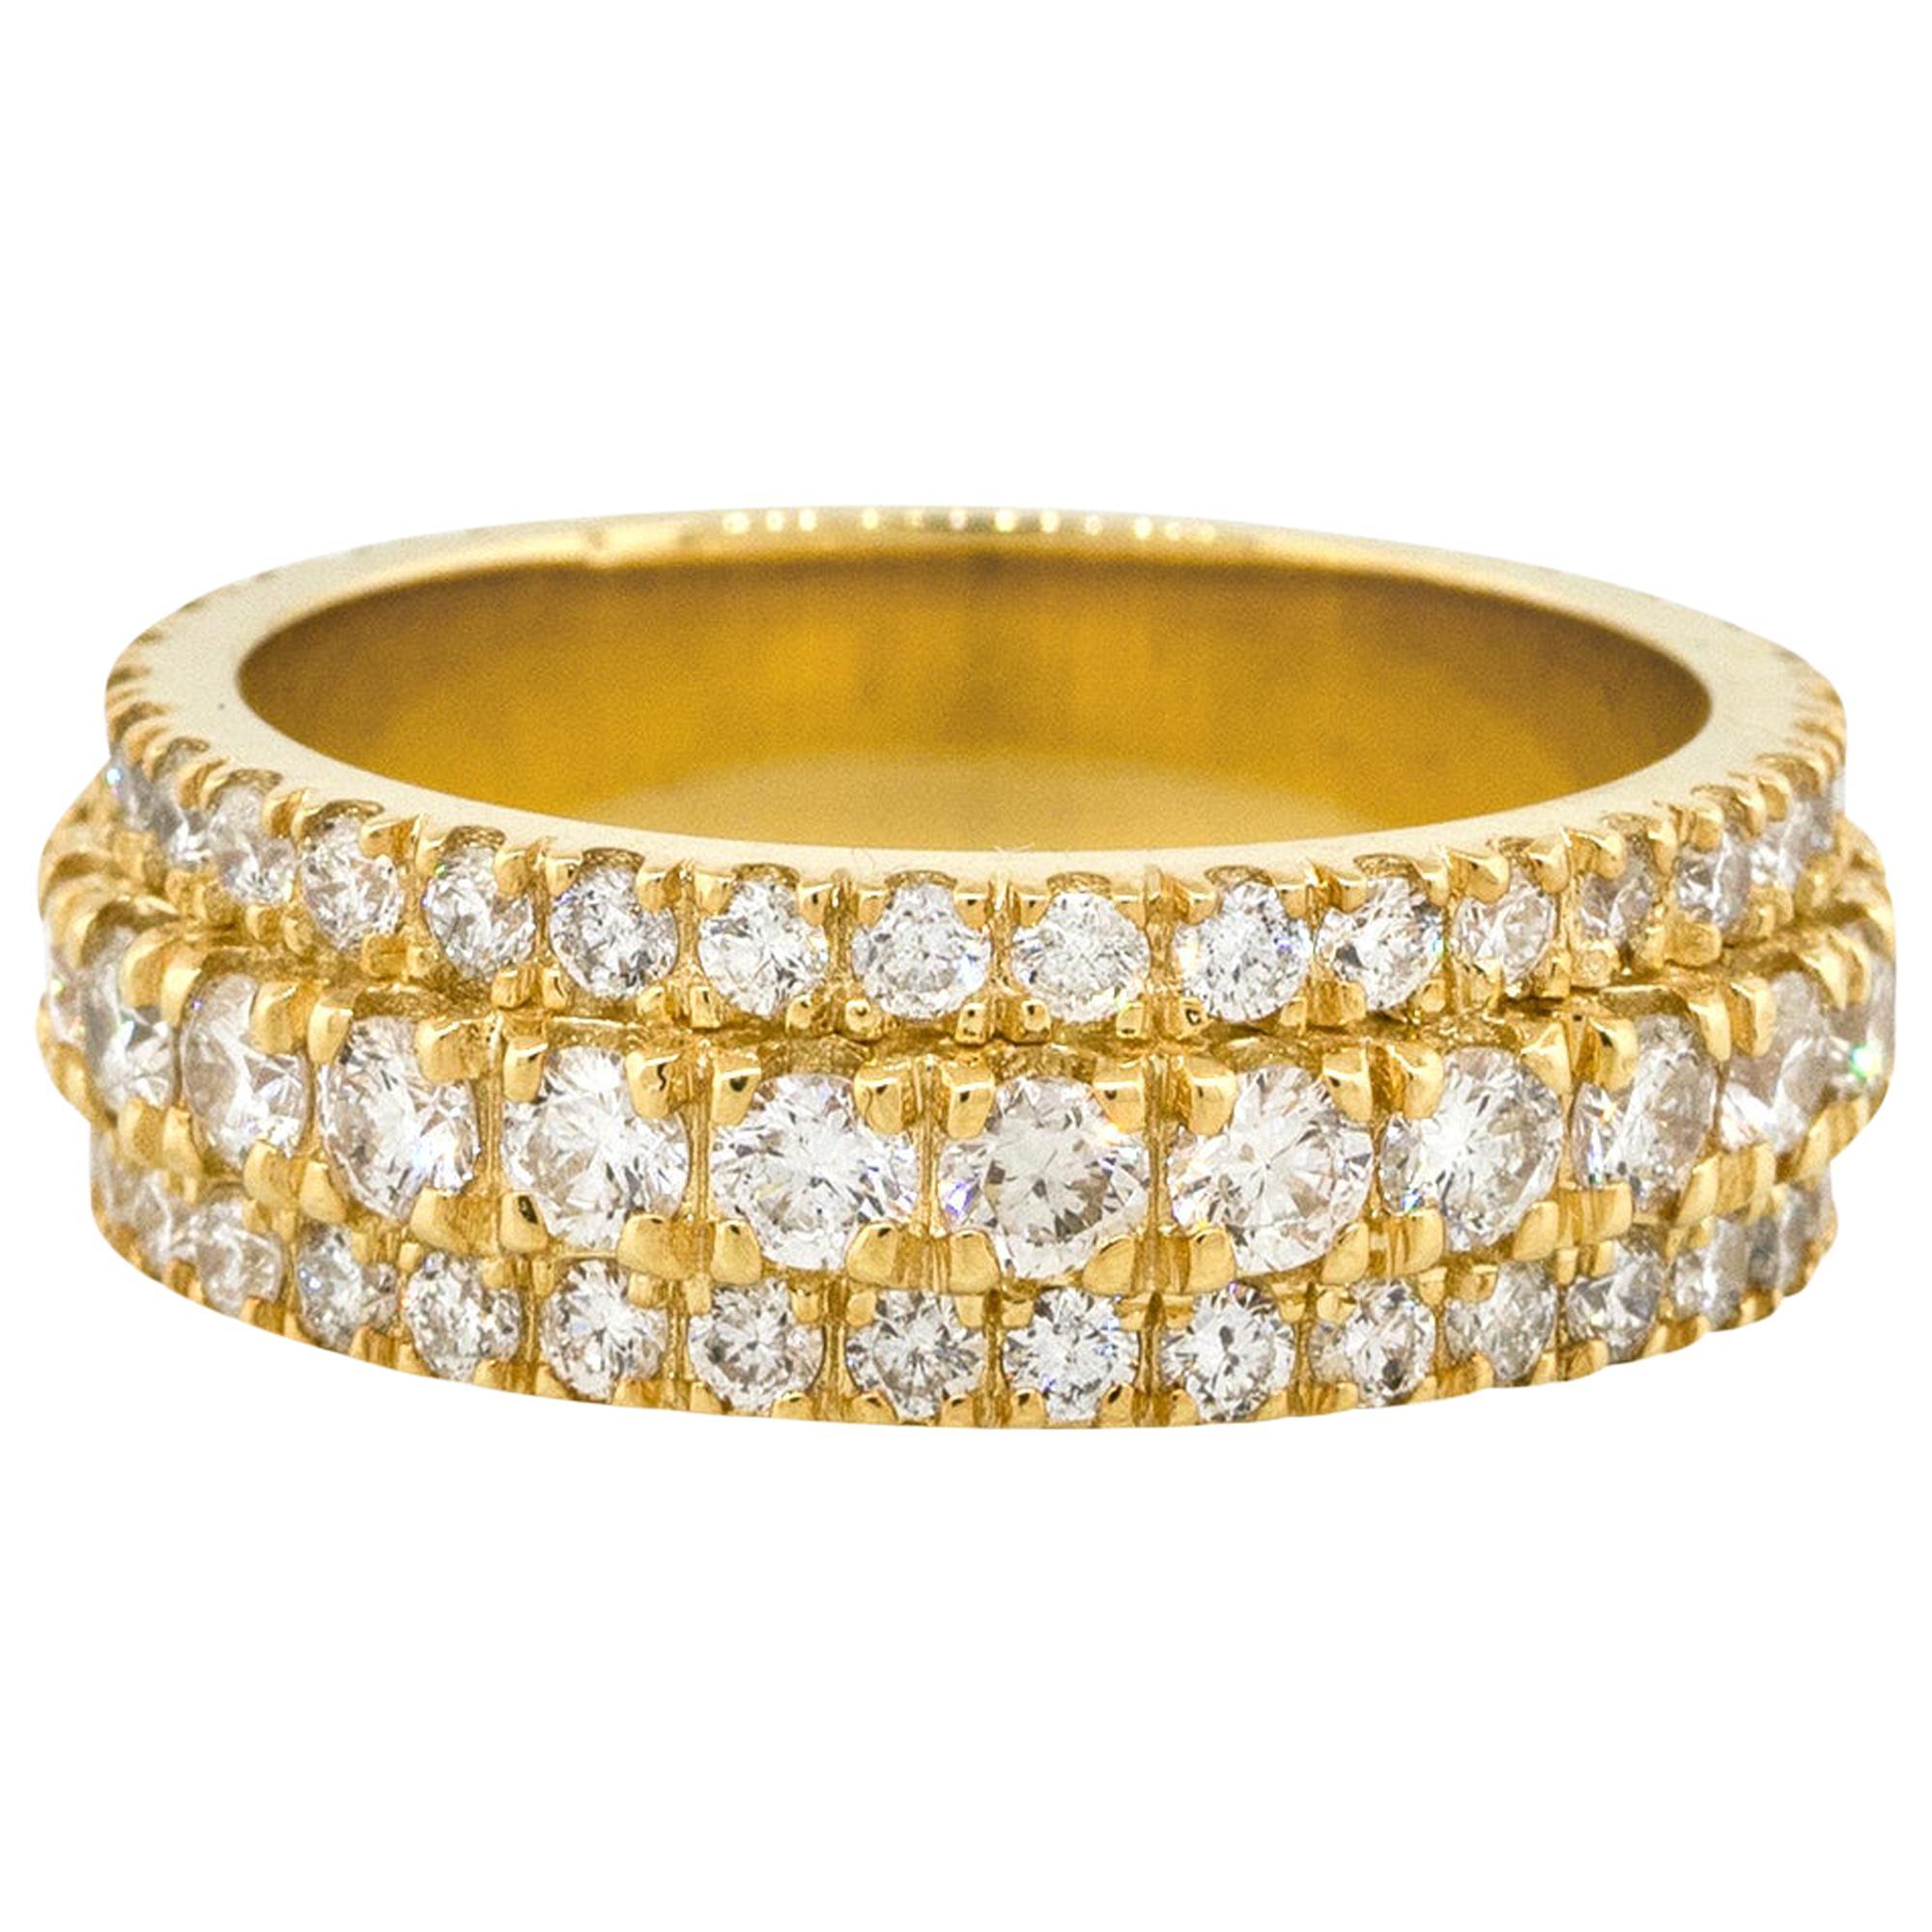 3.85 Carat Diamond Men's Band Pave Ring 14 Karat